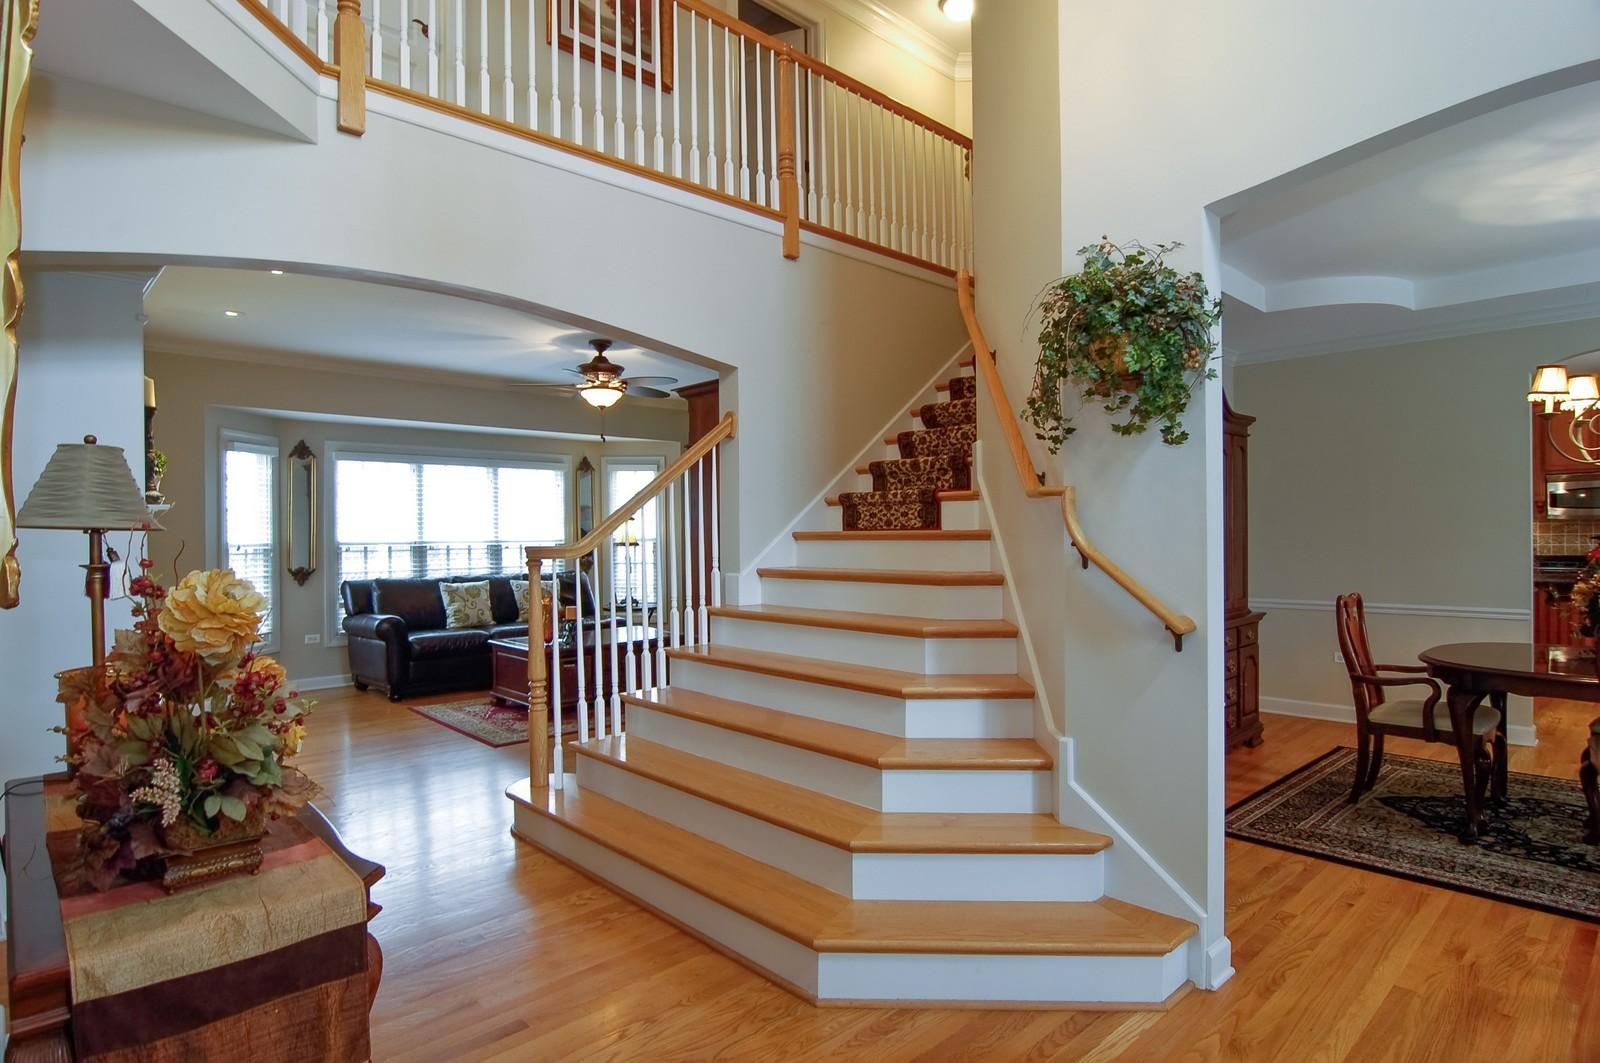 Real Estate Photography - 203 E. Lincoln, Wheaton, IL, 60187 - Foyer